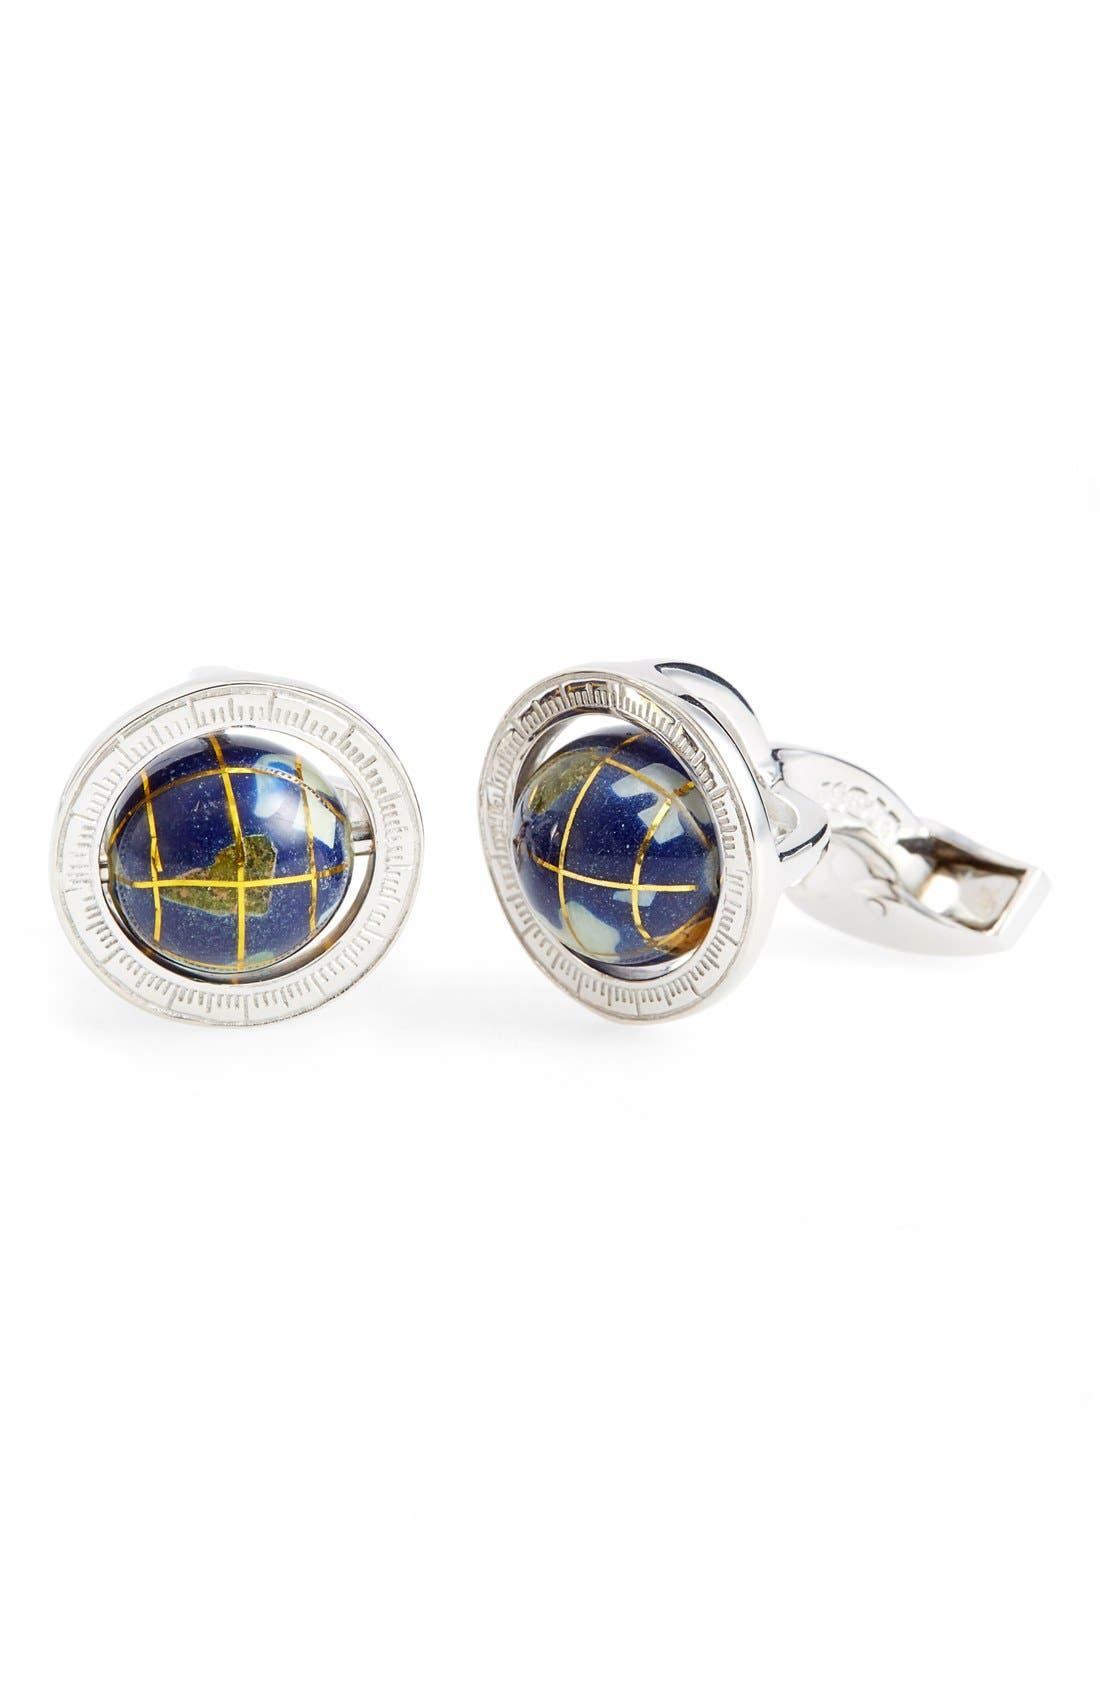 Main Image - Tateossian 'Globe' Cuff Links